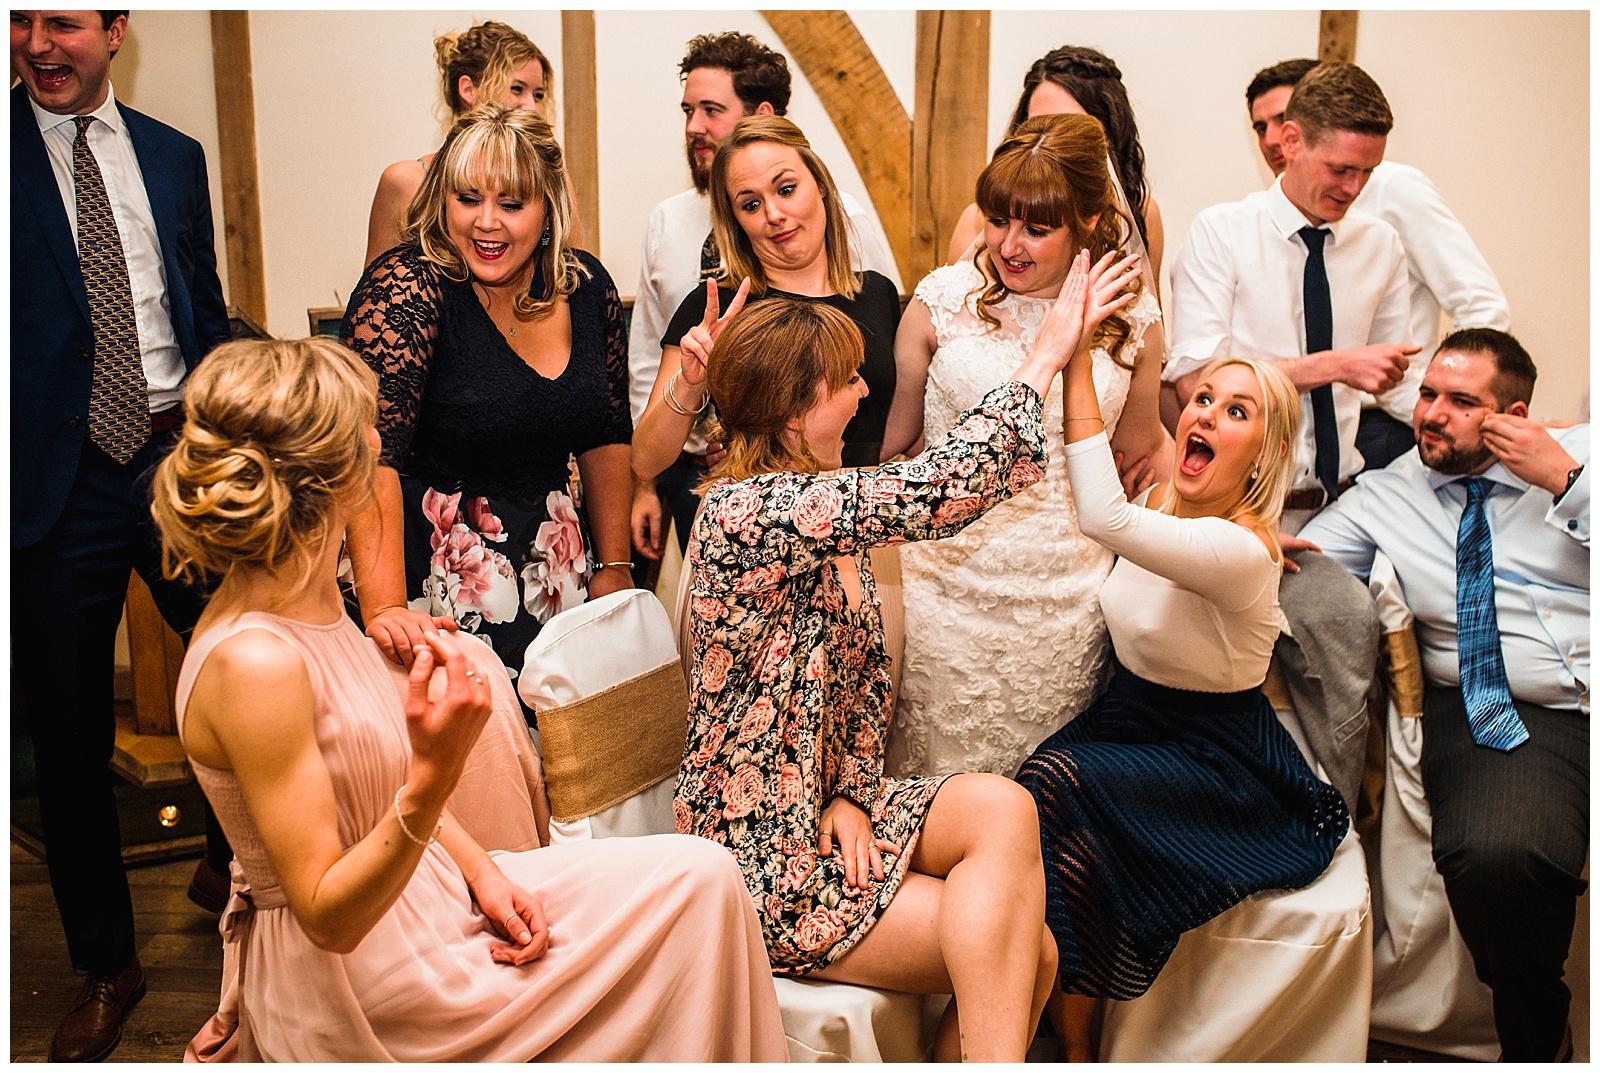 fun friends photos, York edding